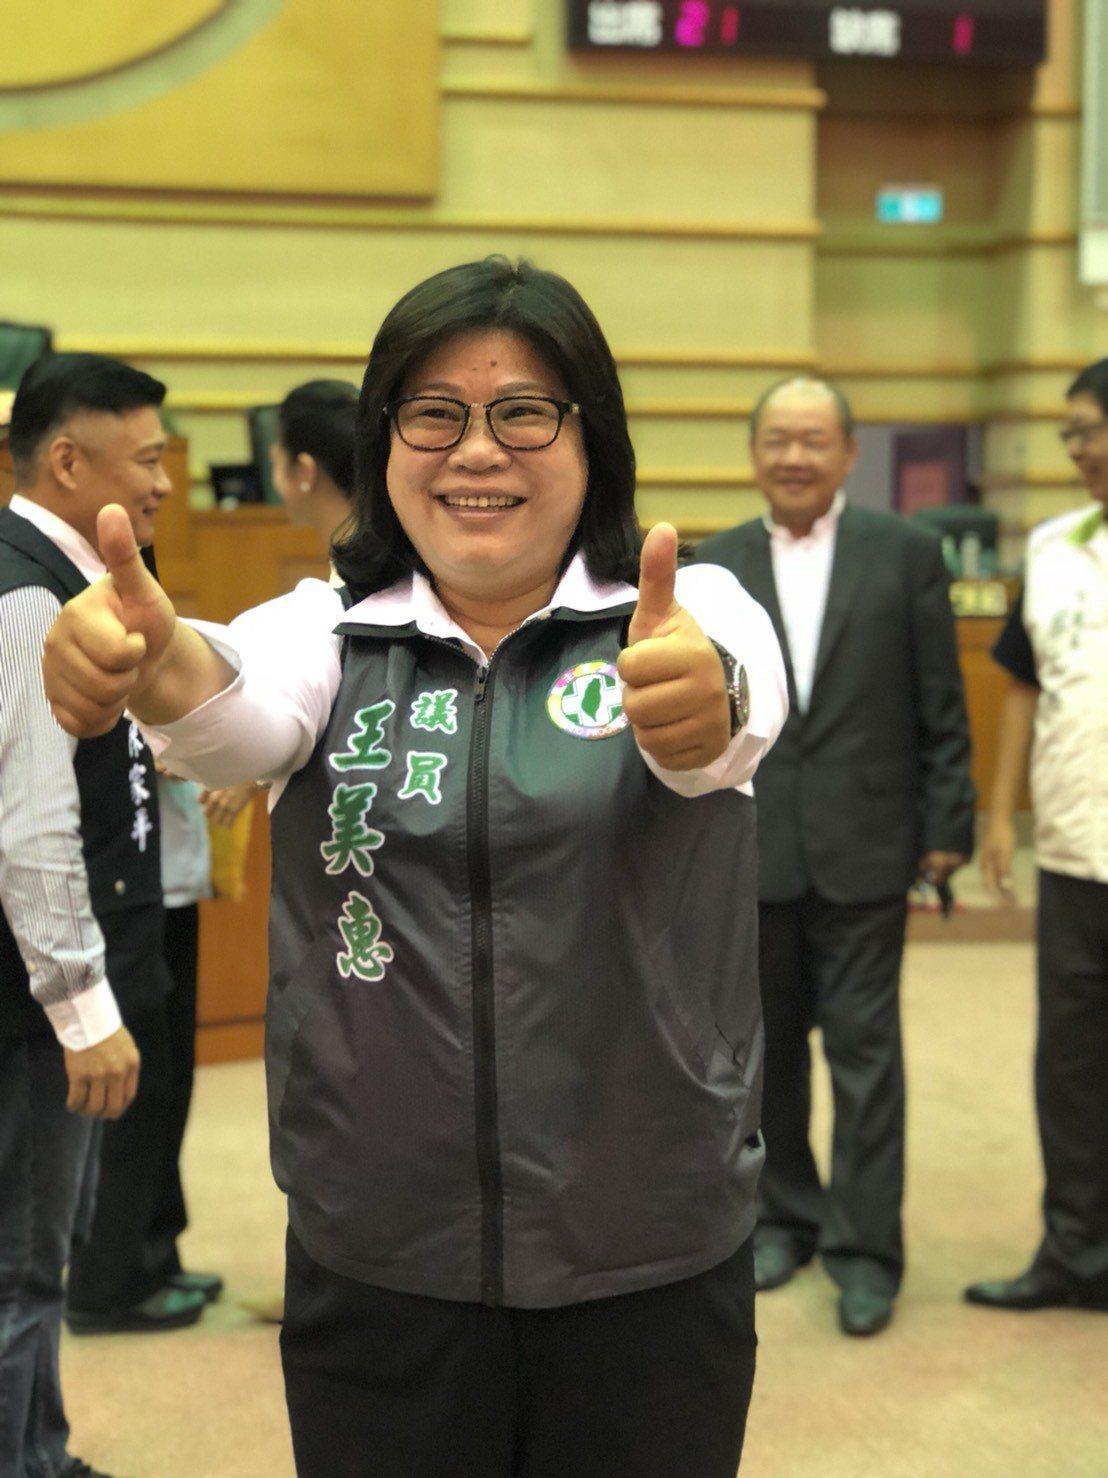 民進黨籍市議員王美惠說,嘉義市議會的風氣認真有口碑,問政就事論事,不看顏色。記者...